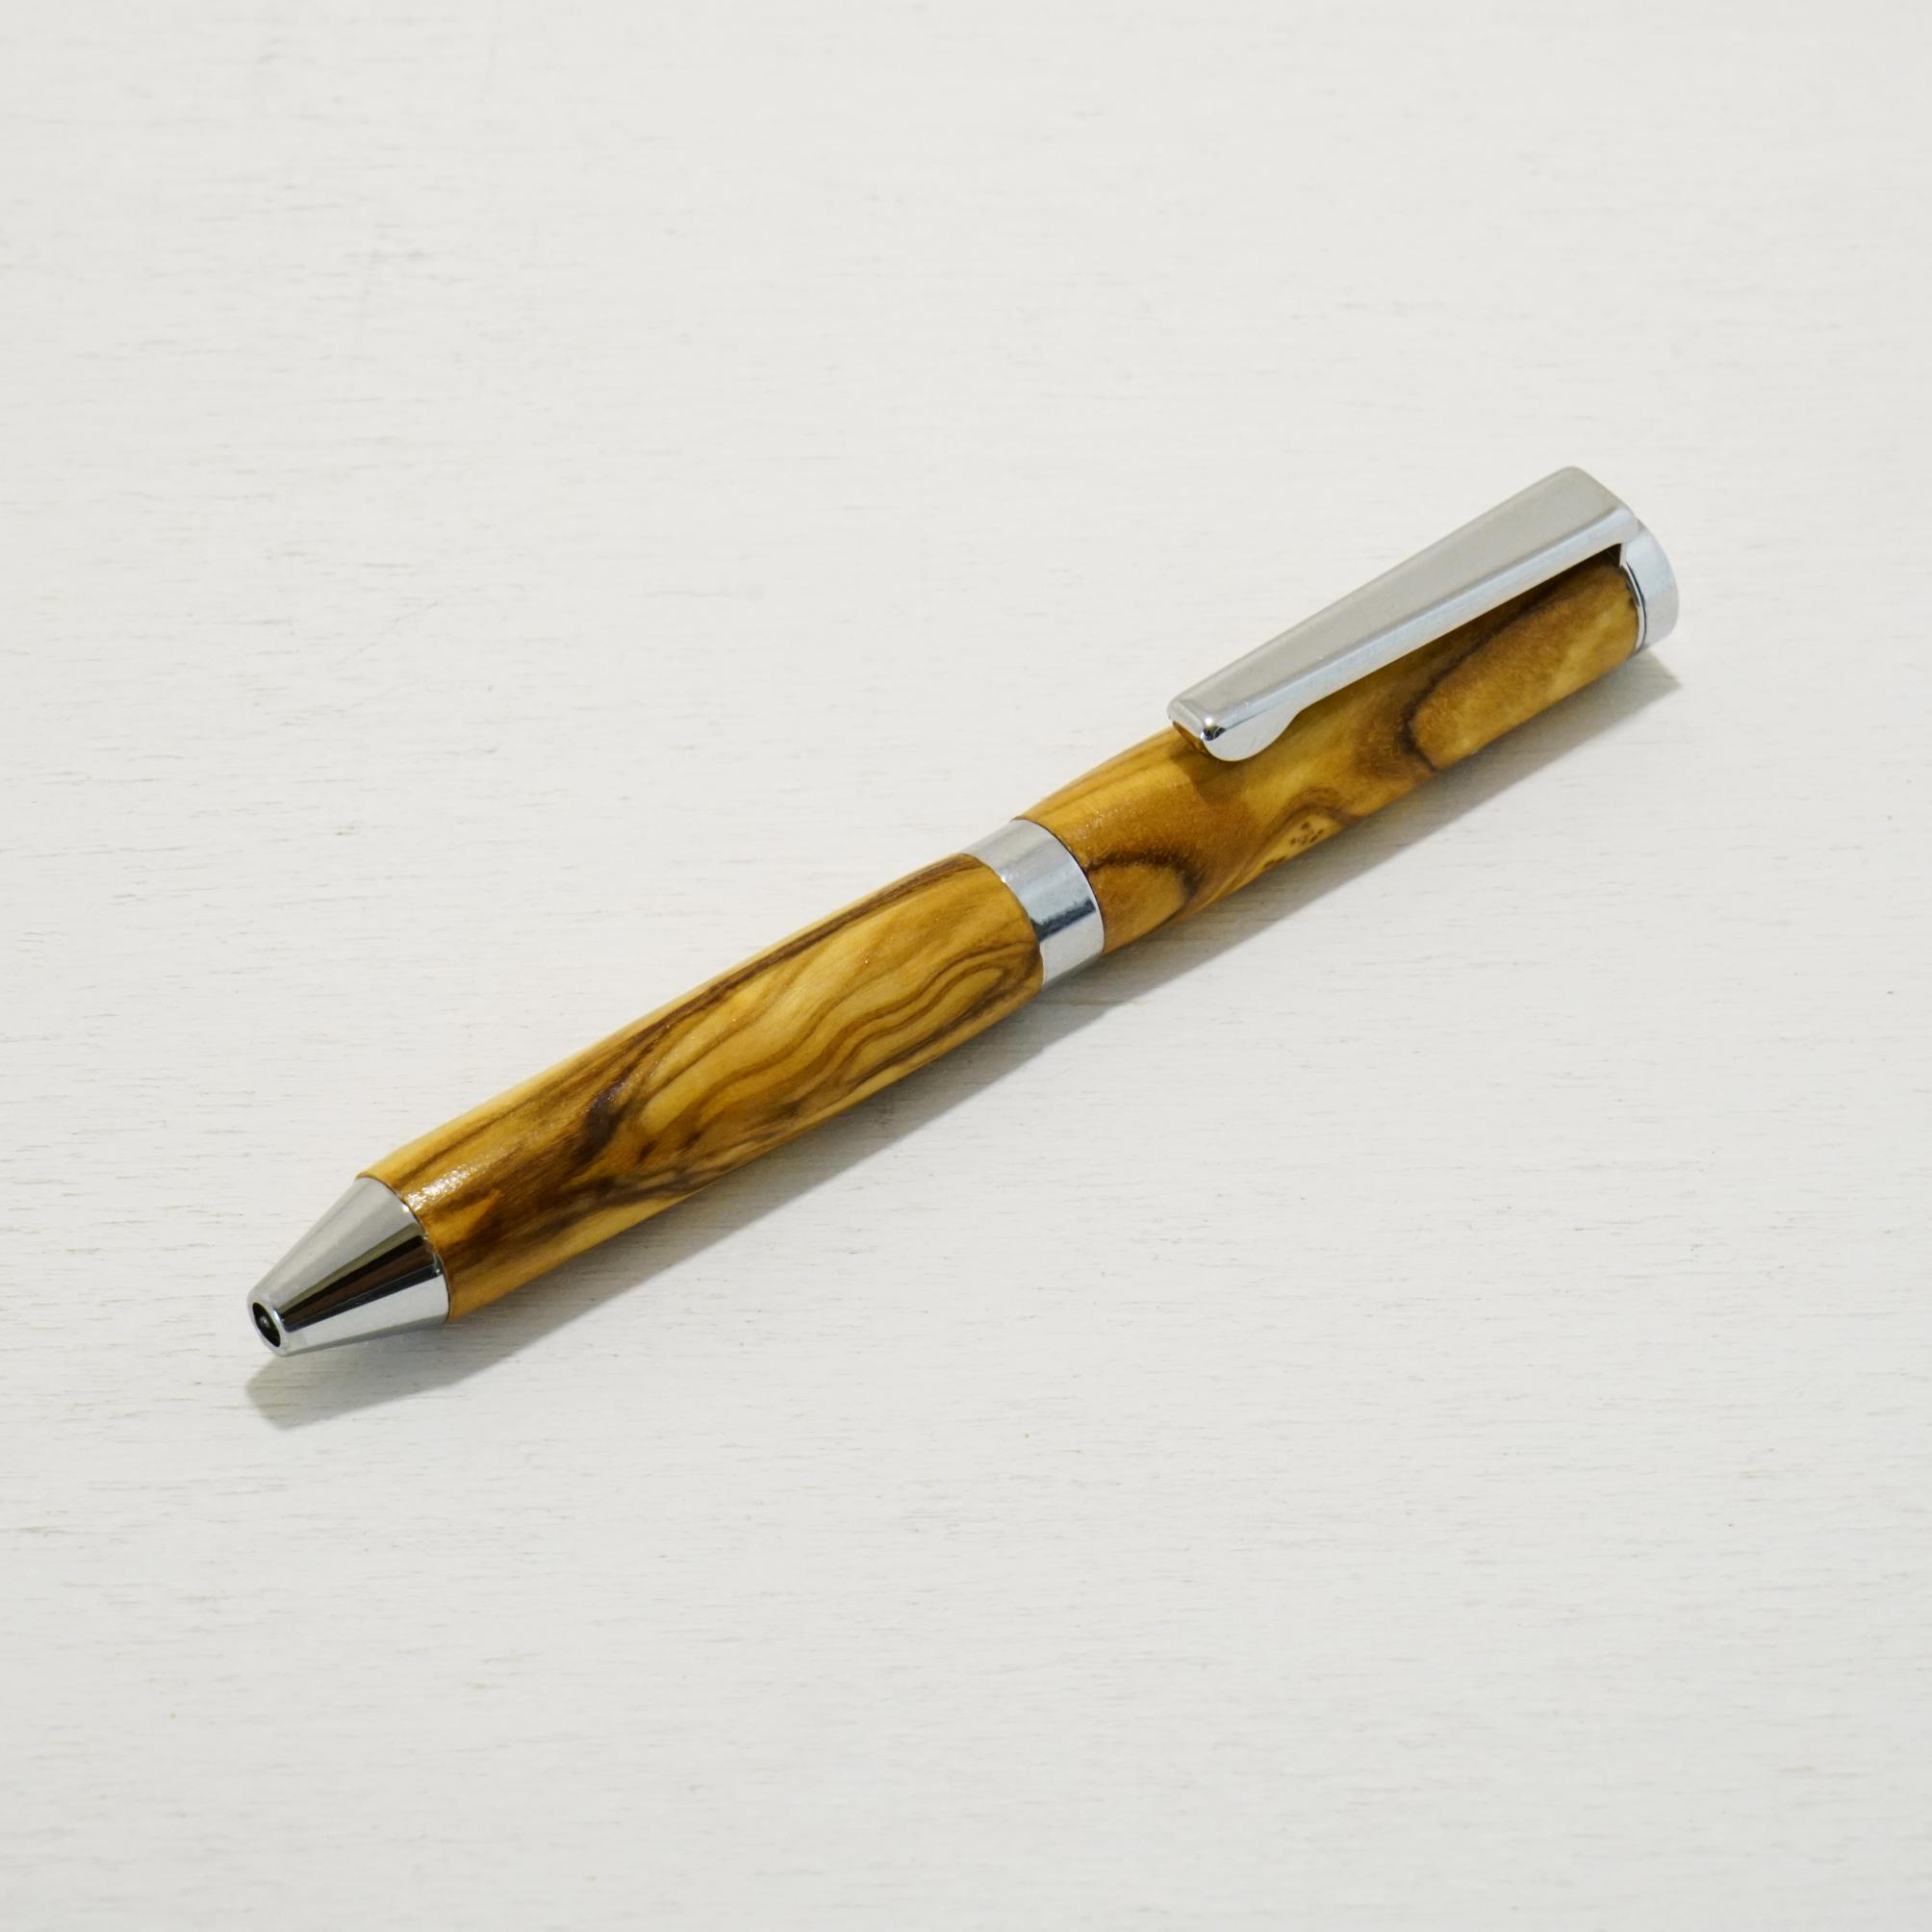 casiello-mini-penna-ulivo-02